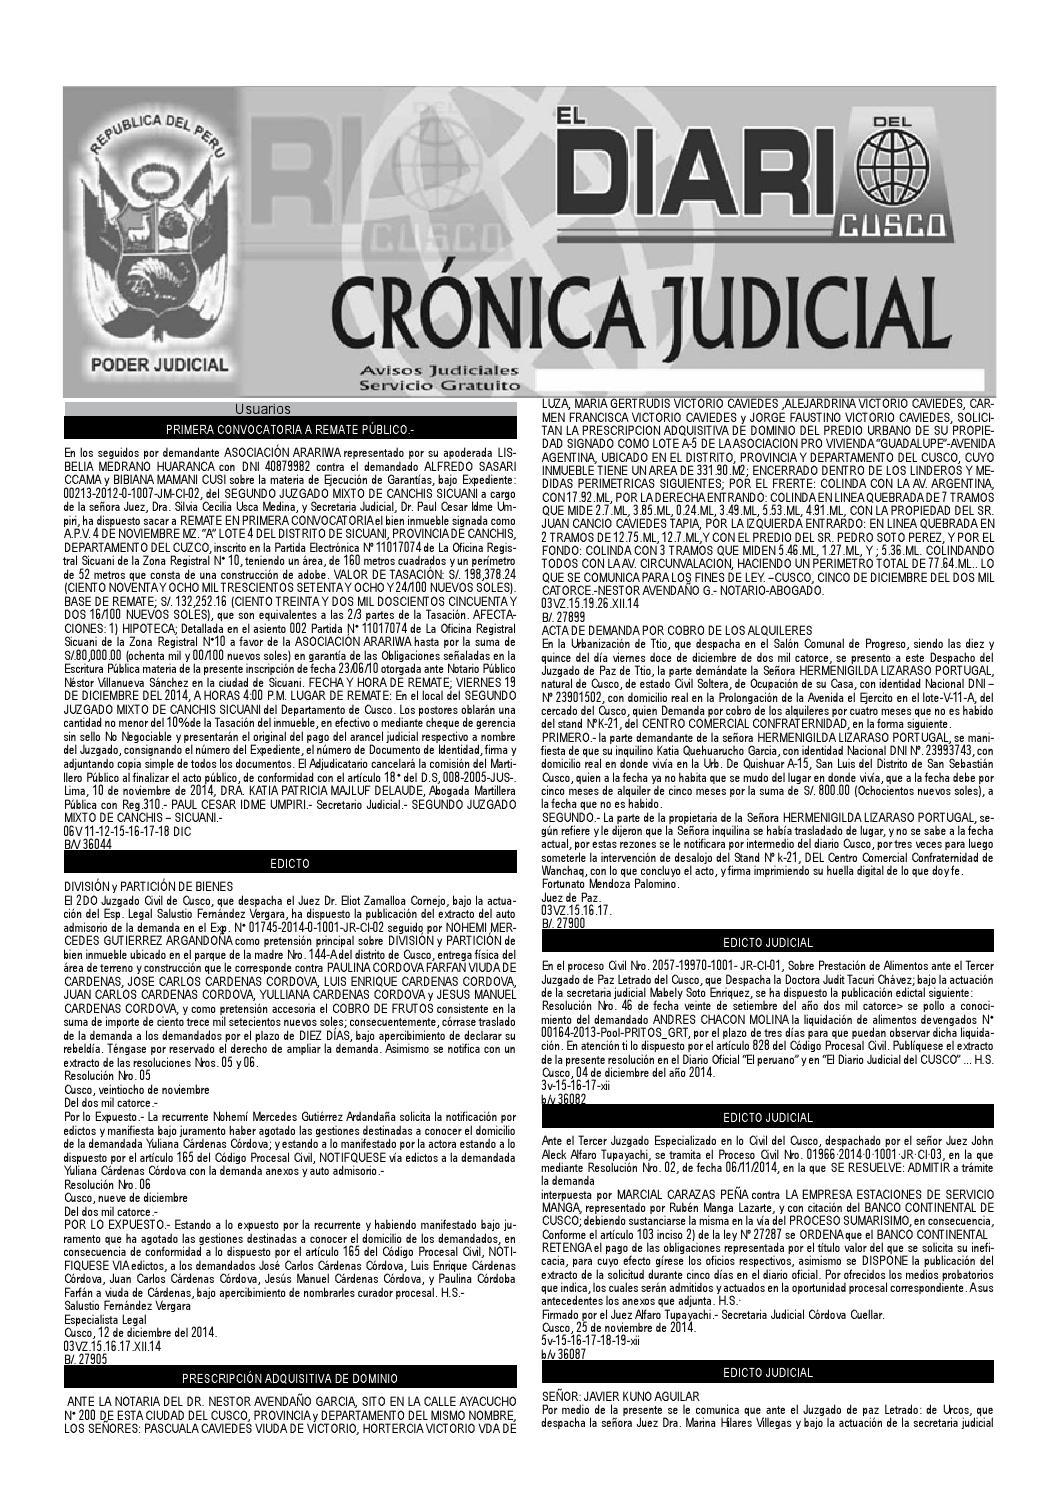 Avisos Judiciales 17 12 14 by El Diario del Cusco - issuu